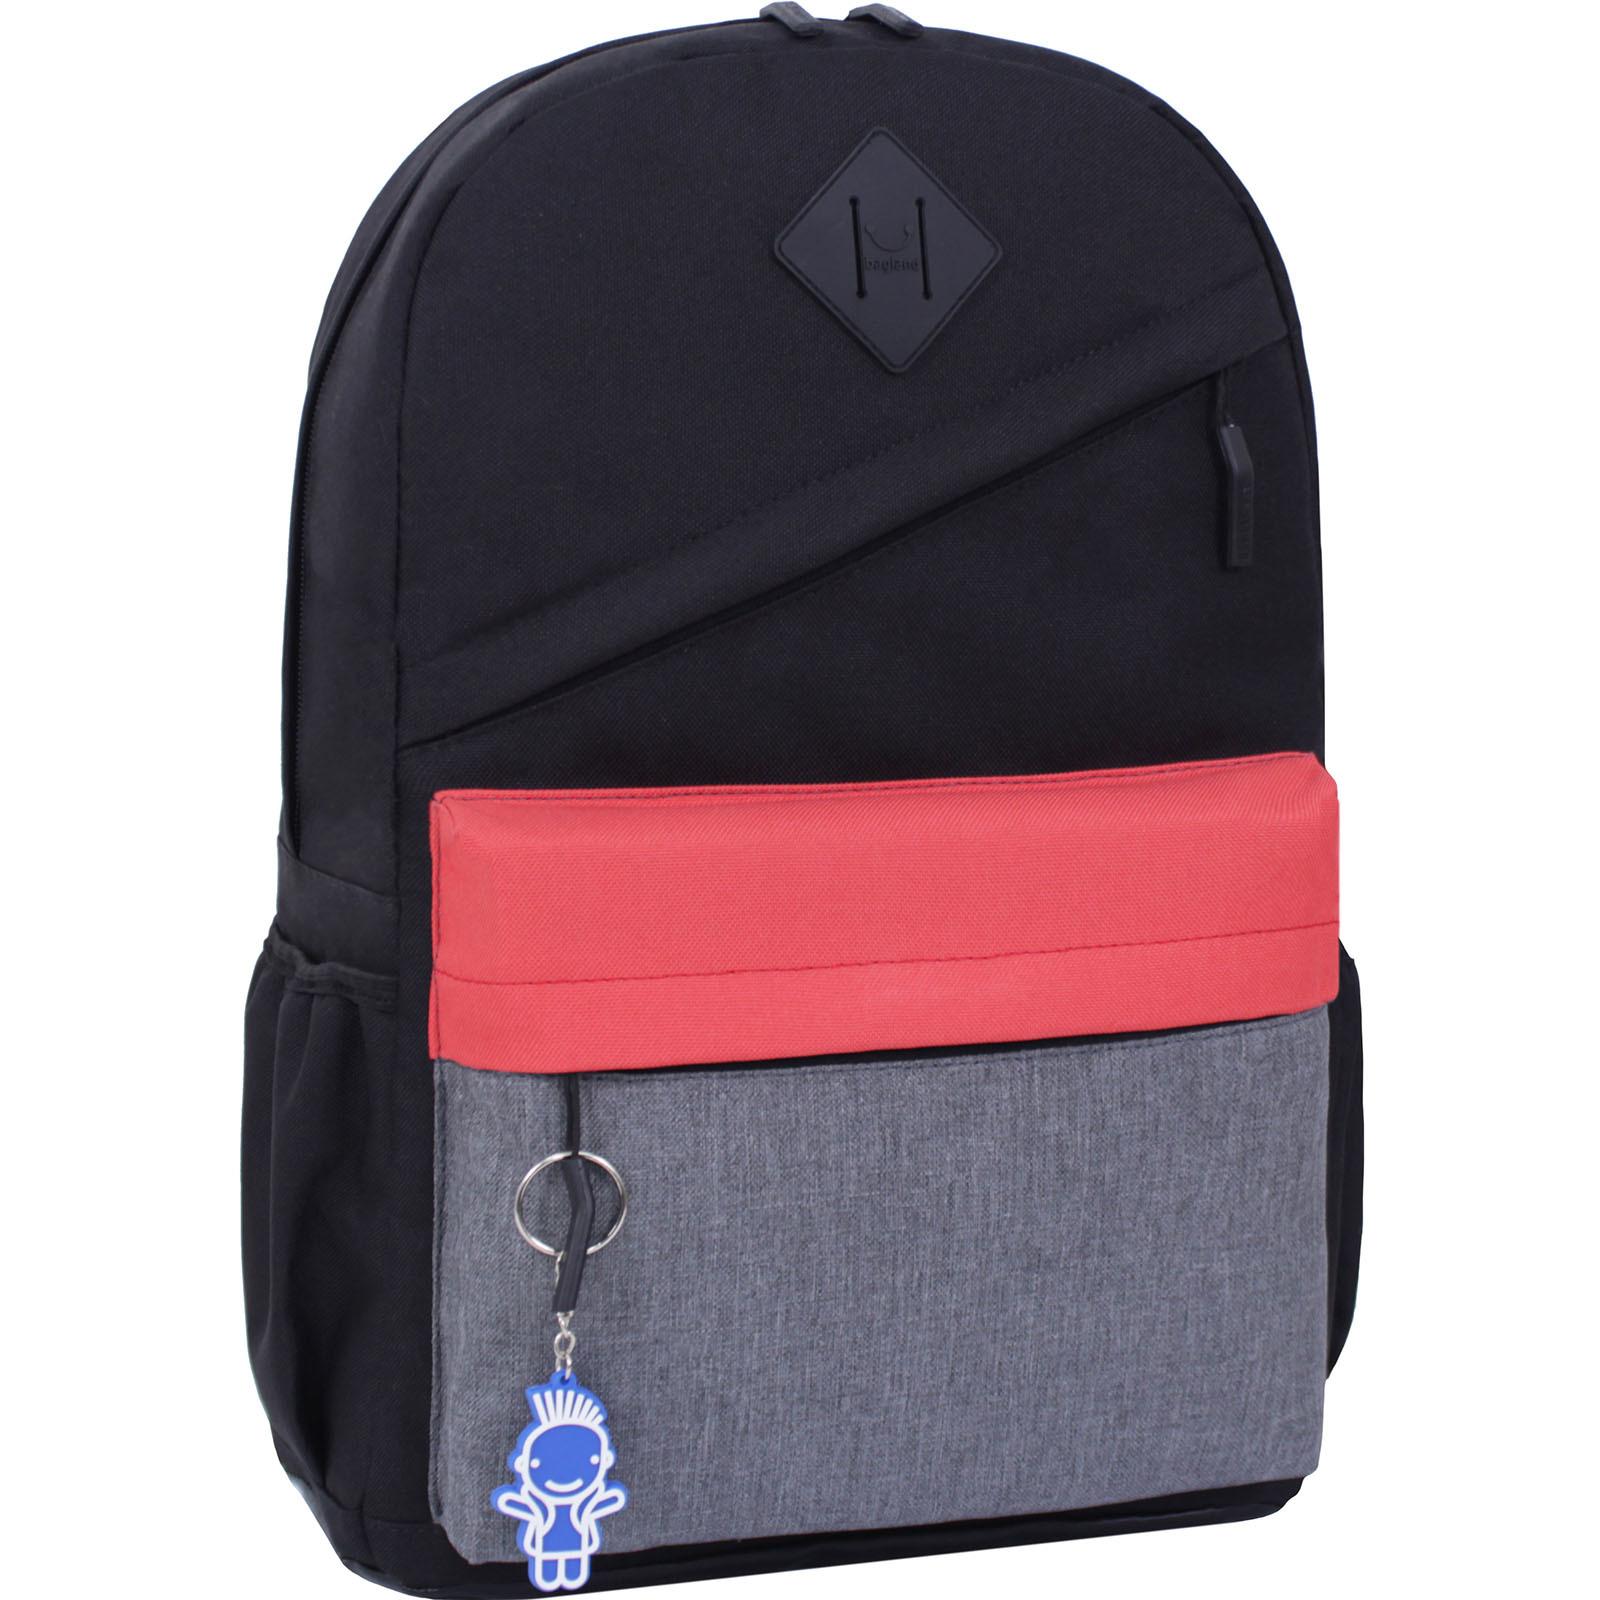 Мужские рюкзаки Рюкзак Bagland Fire 19л. черный/красный (0014466) IMG_3209.JPG